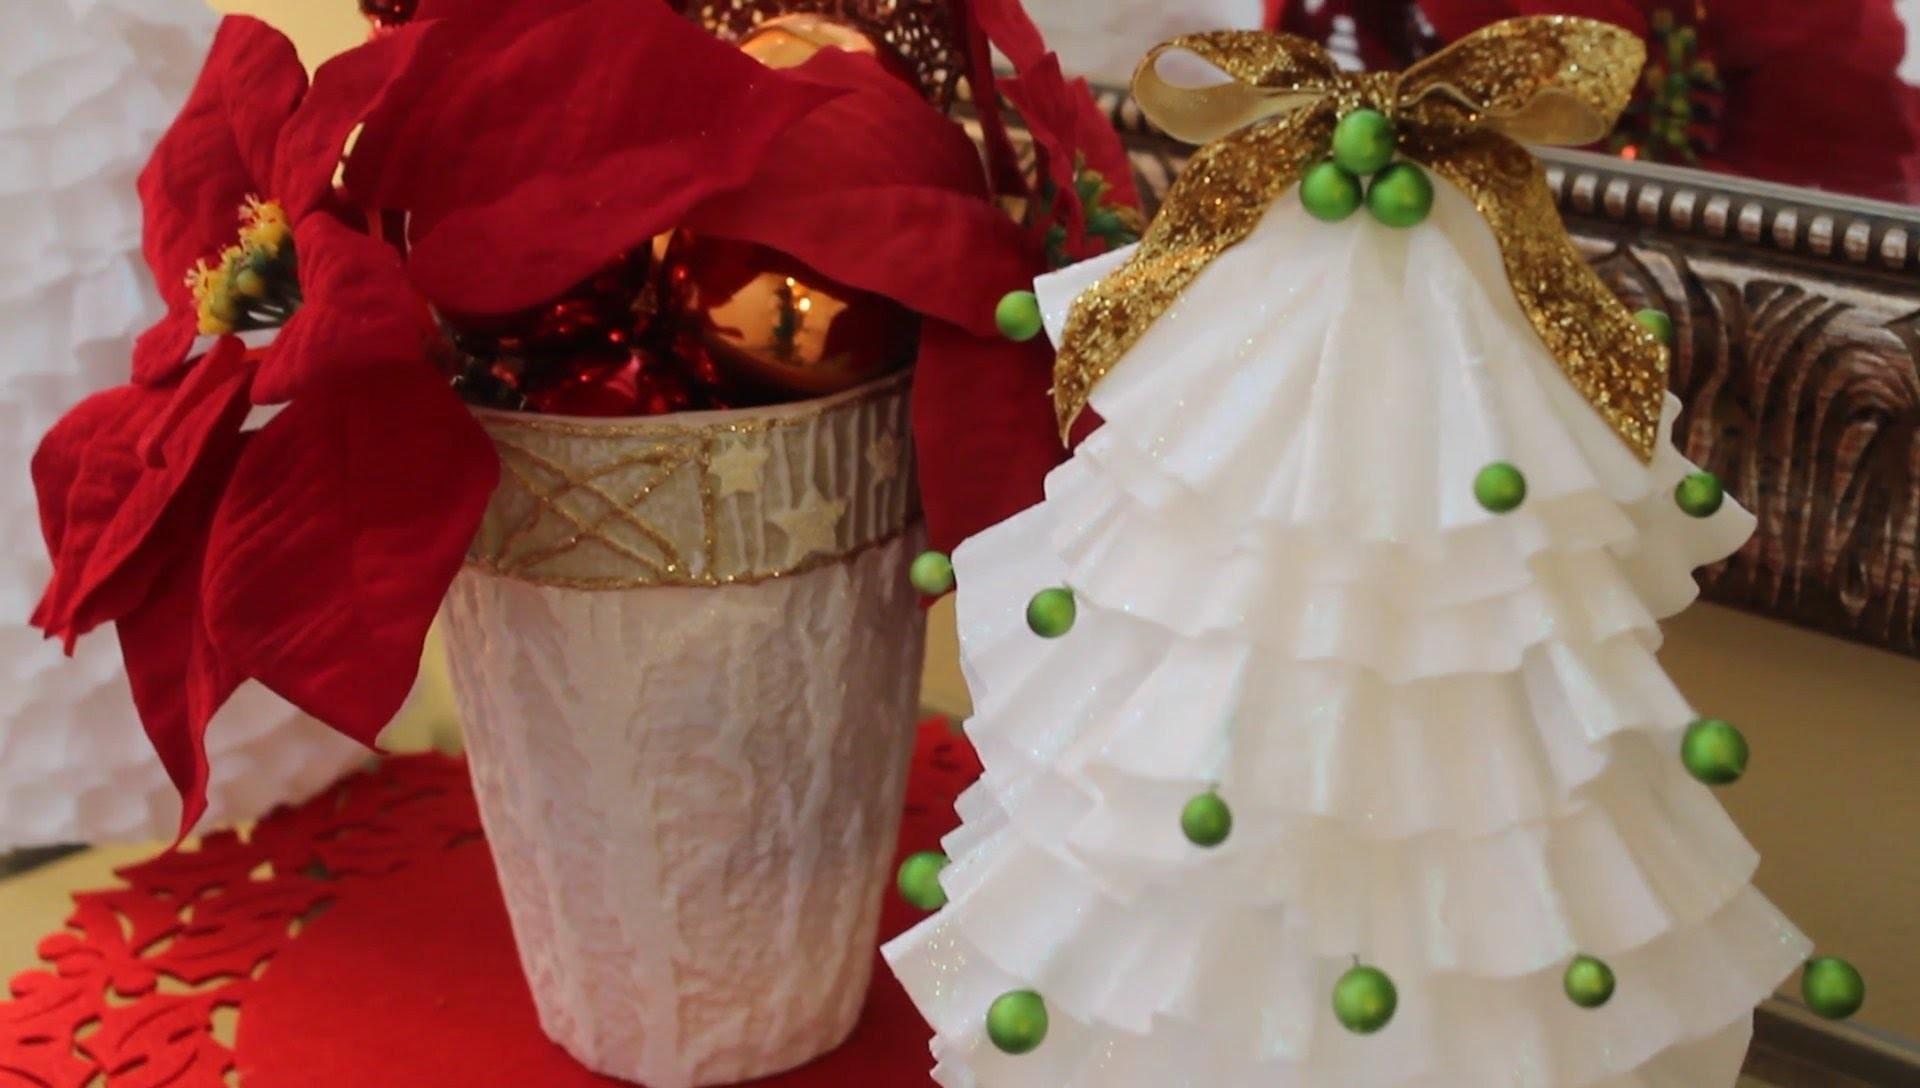 DIY Arbolito Hecho con Filtros de Café - Mini Christmas Tree